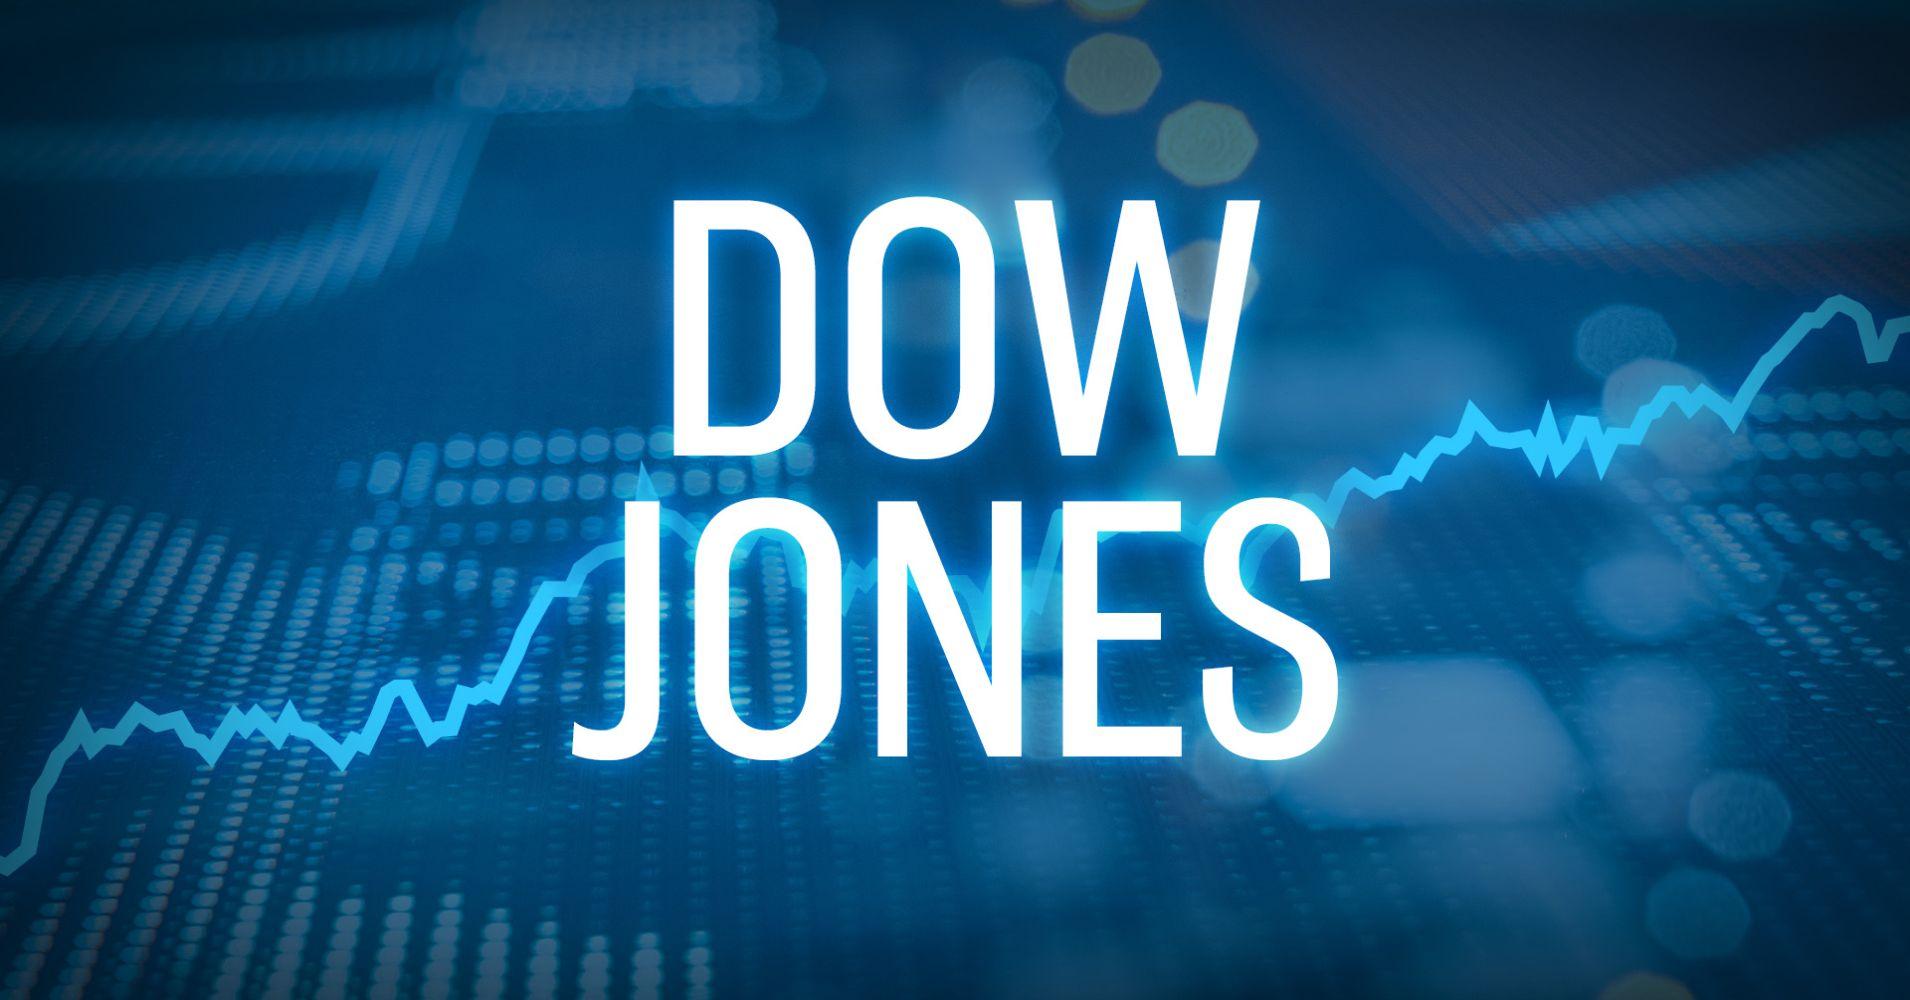 Chỉ Số Dow Jones Tăng Hơn 100 Điểm Hôm Nay